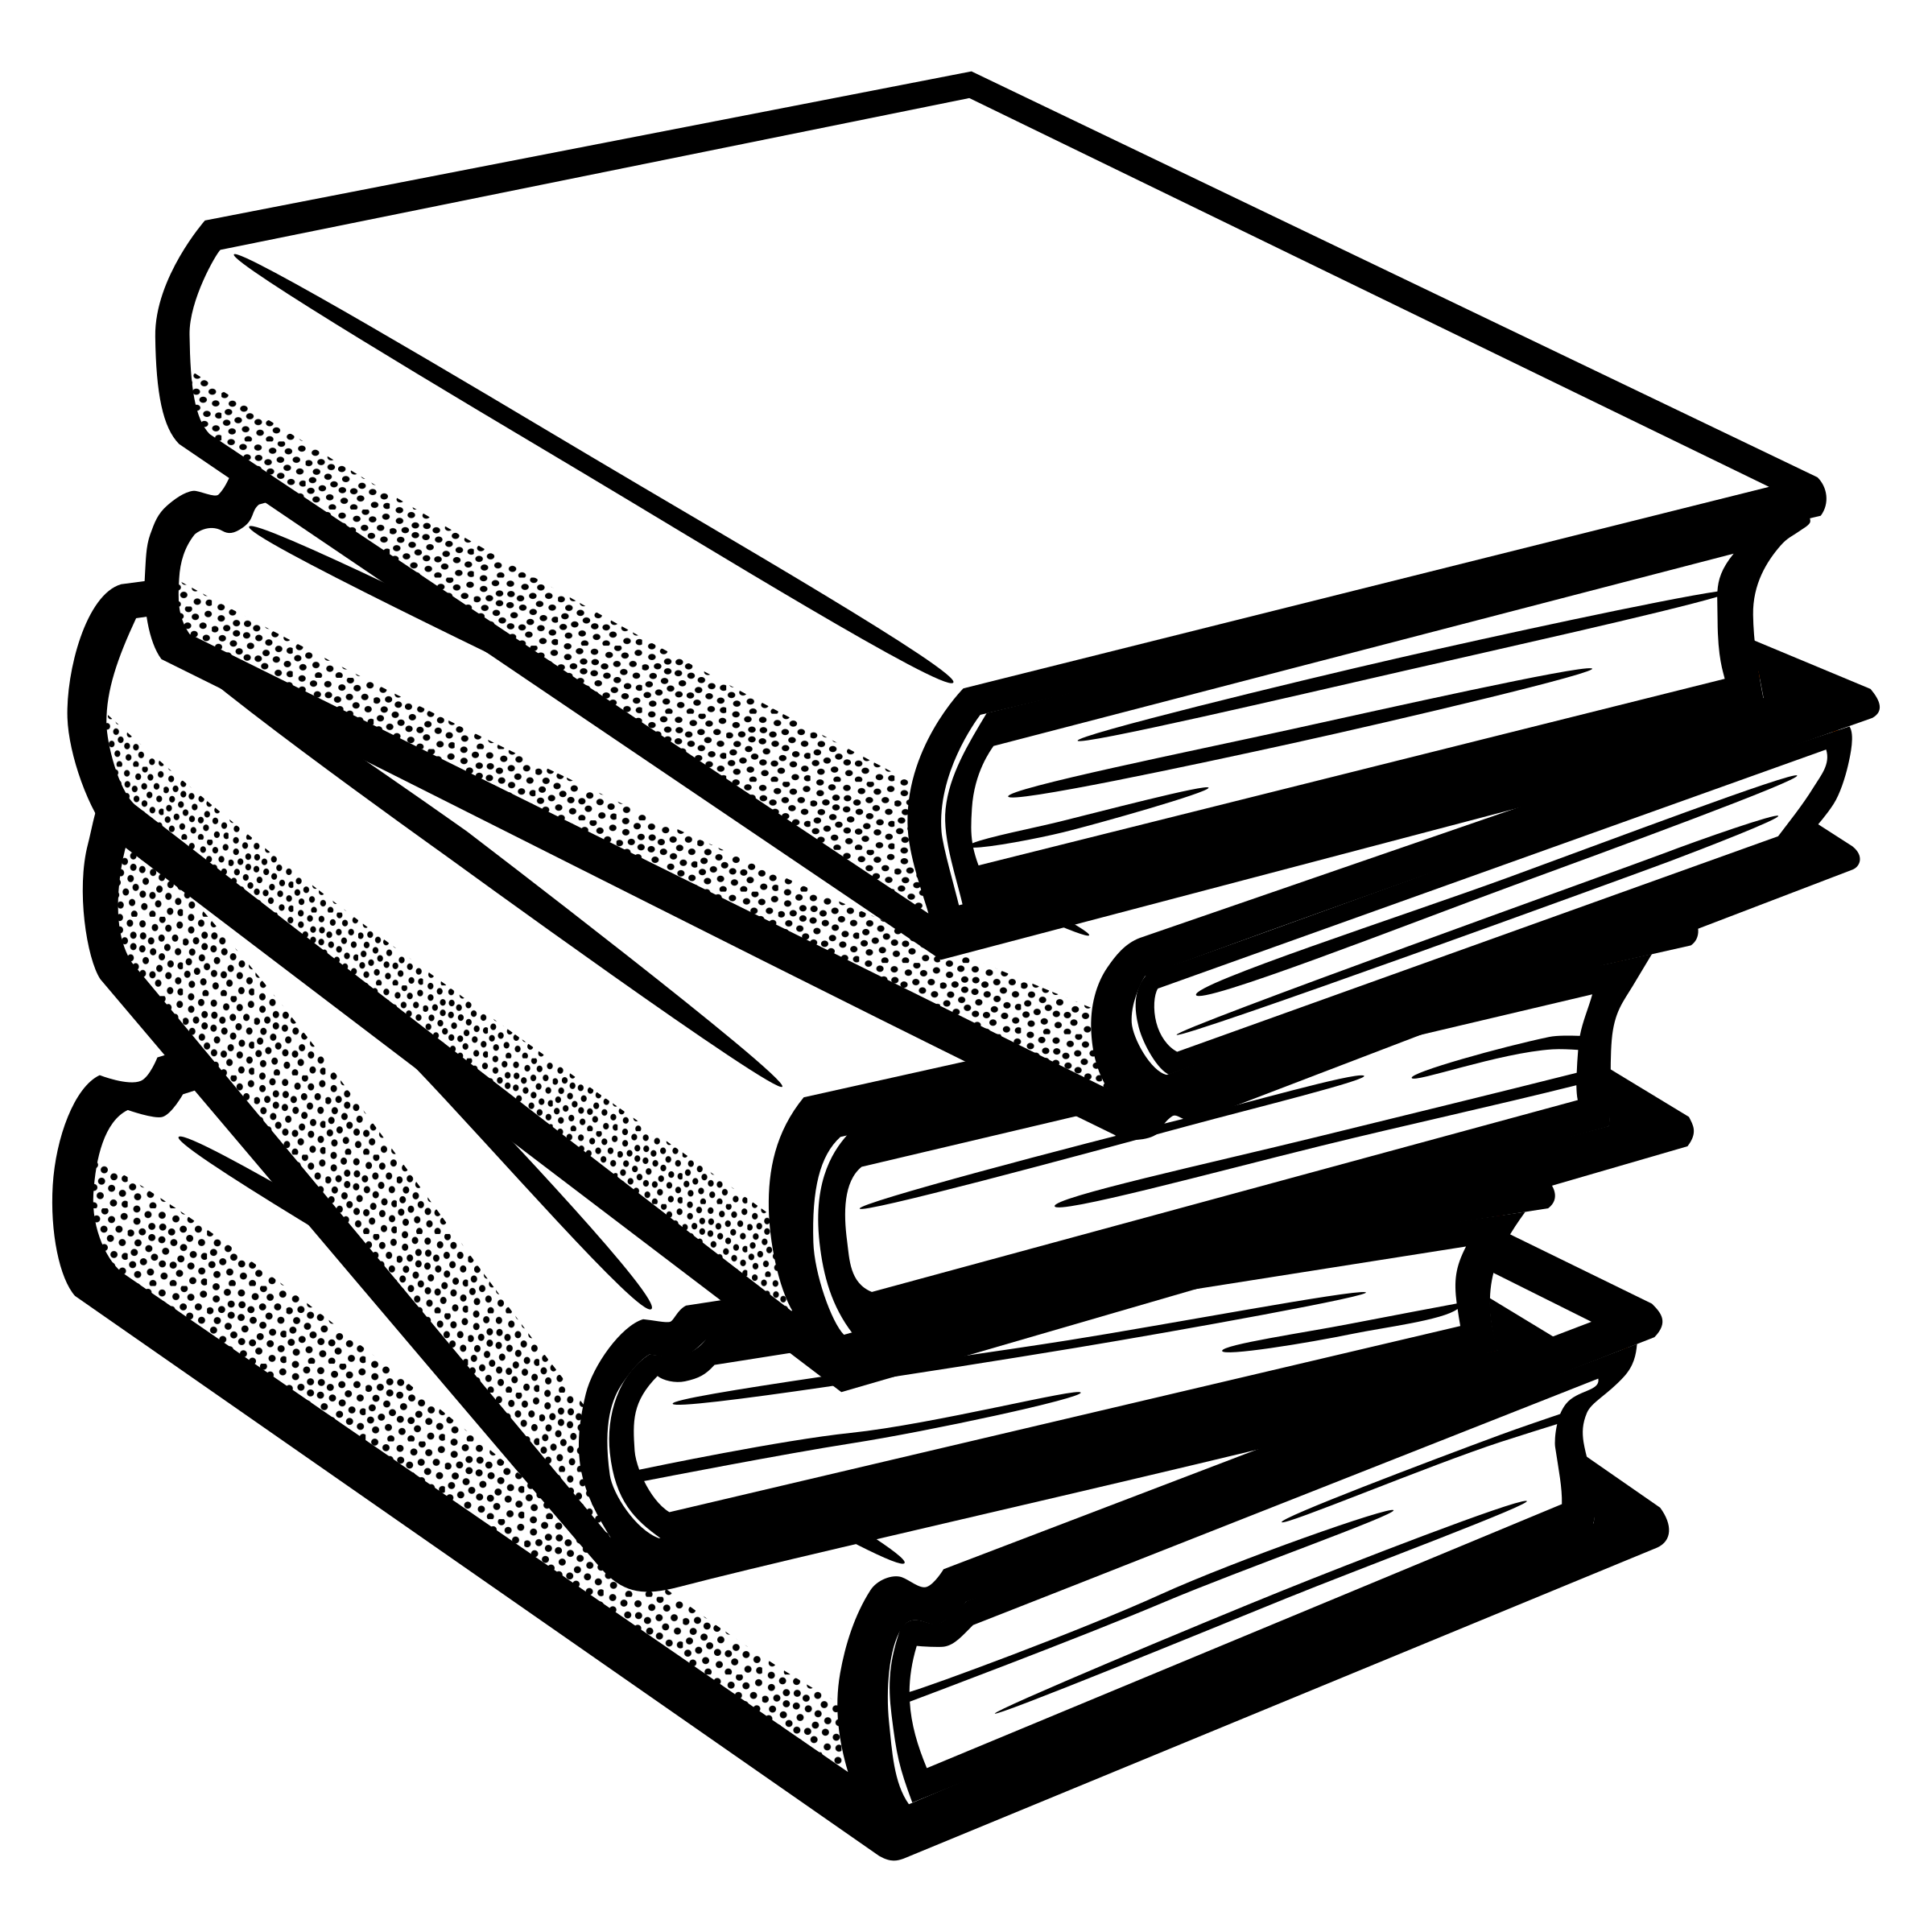 Книжка картинка пнг